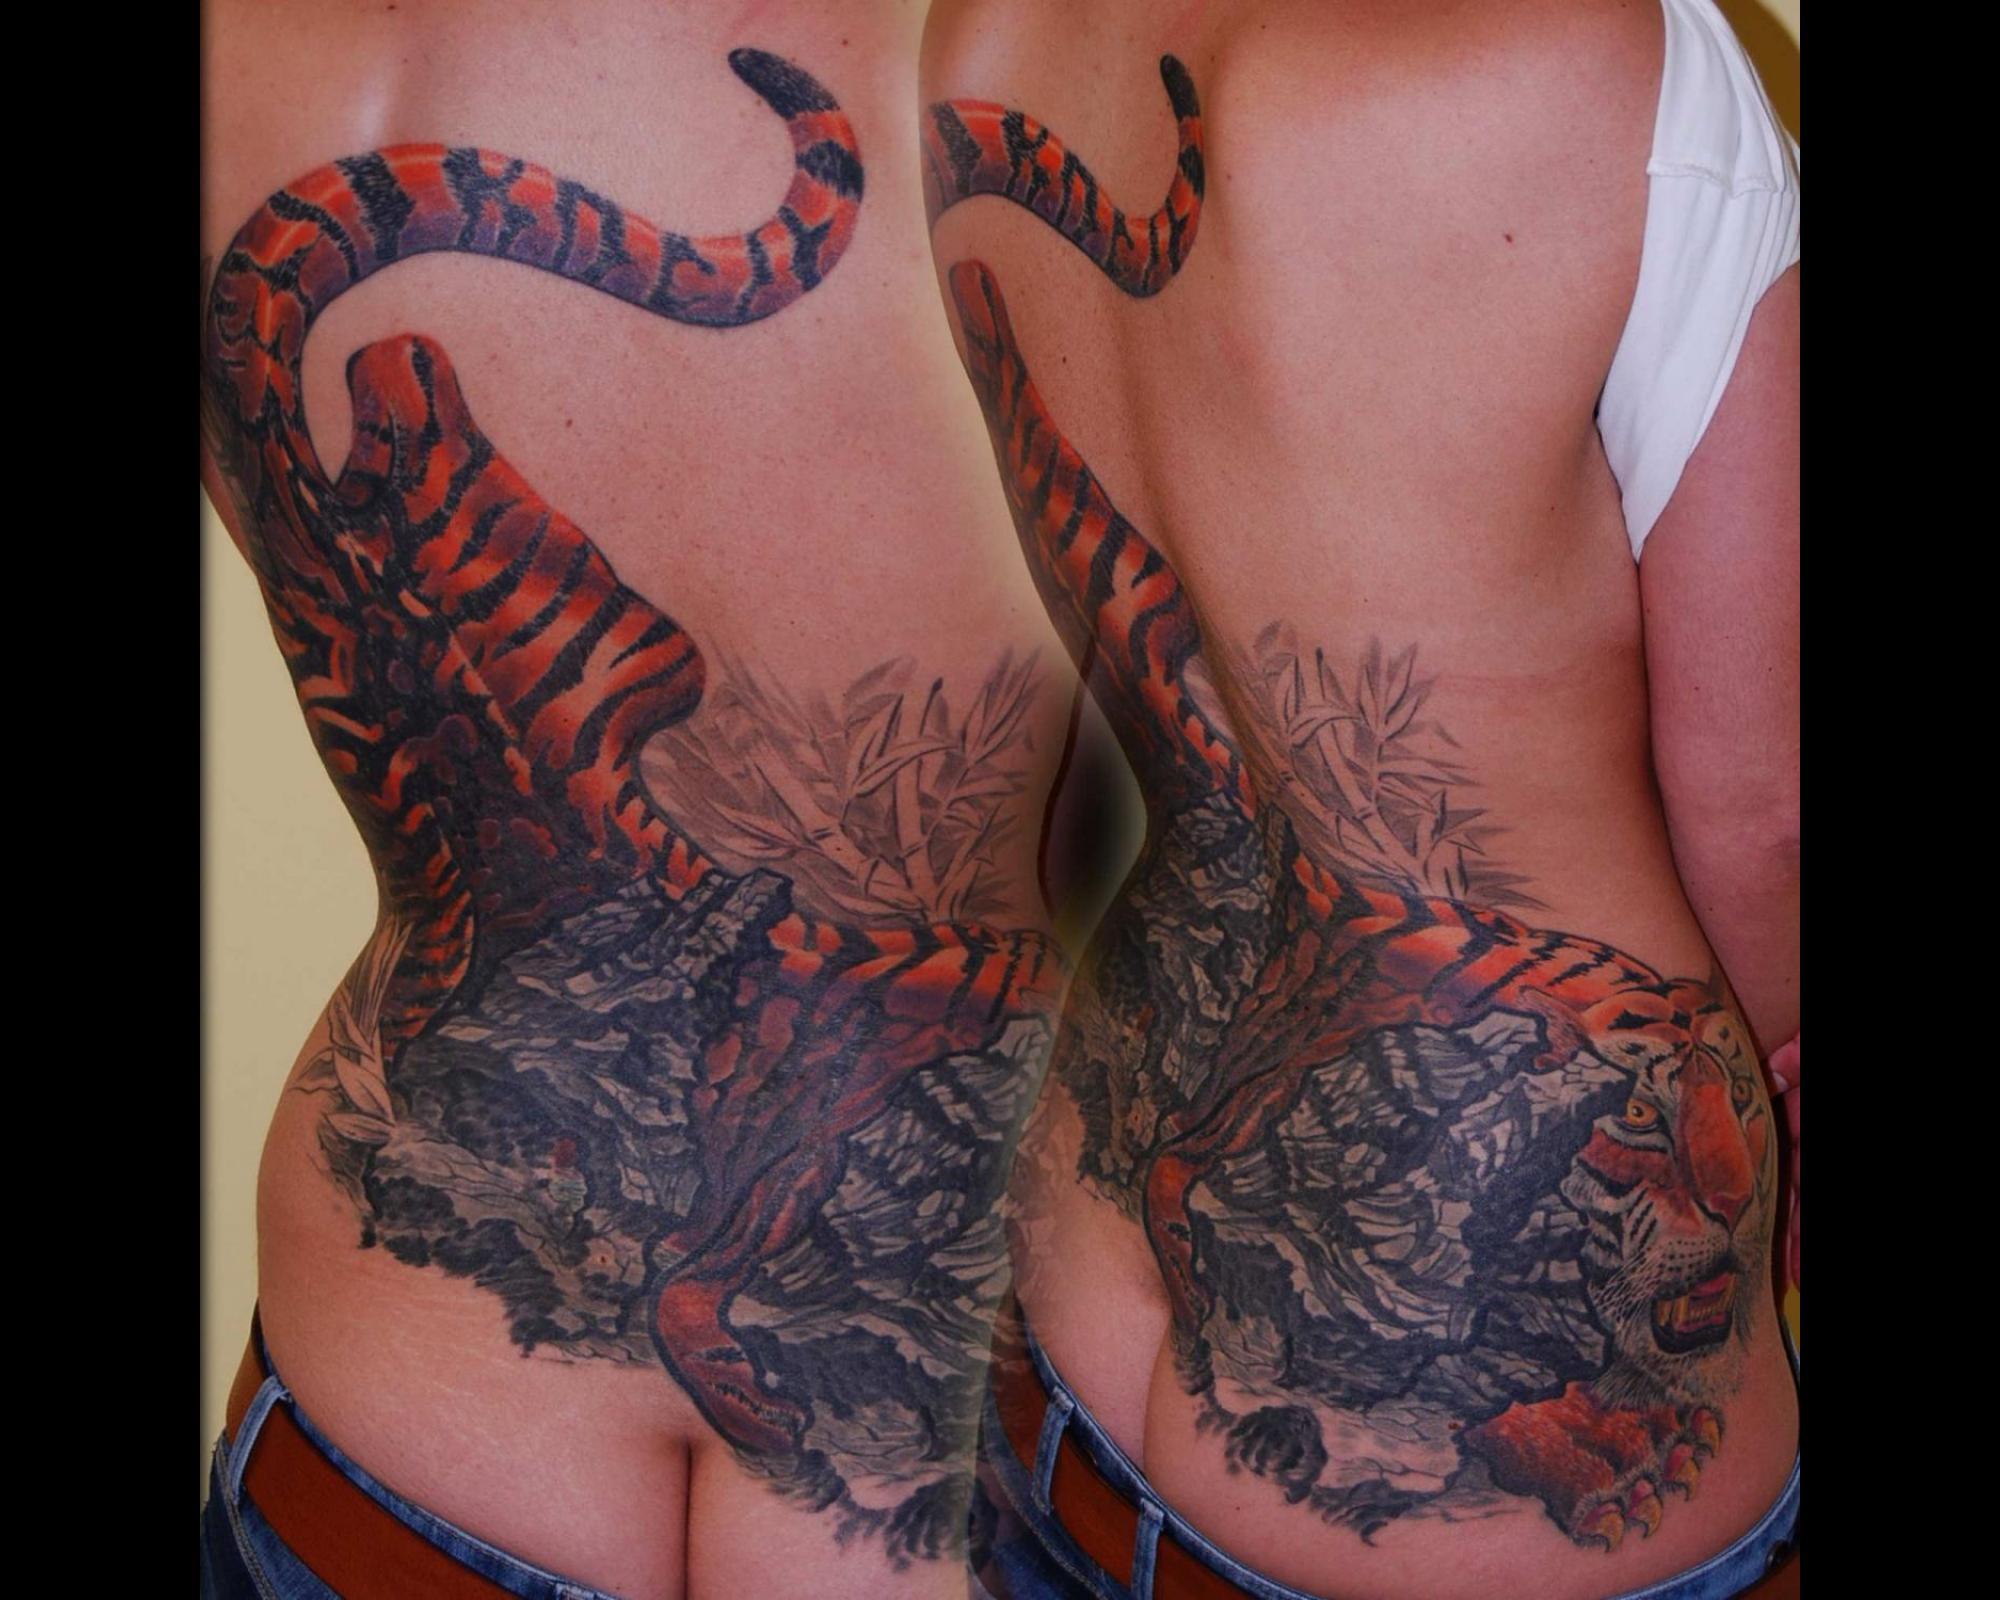 Cover up tribal tattoo Überdeckung shit gottseidank nicht for life München Spezialist